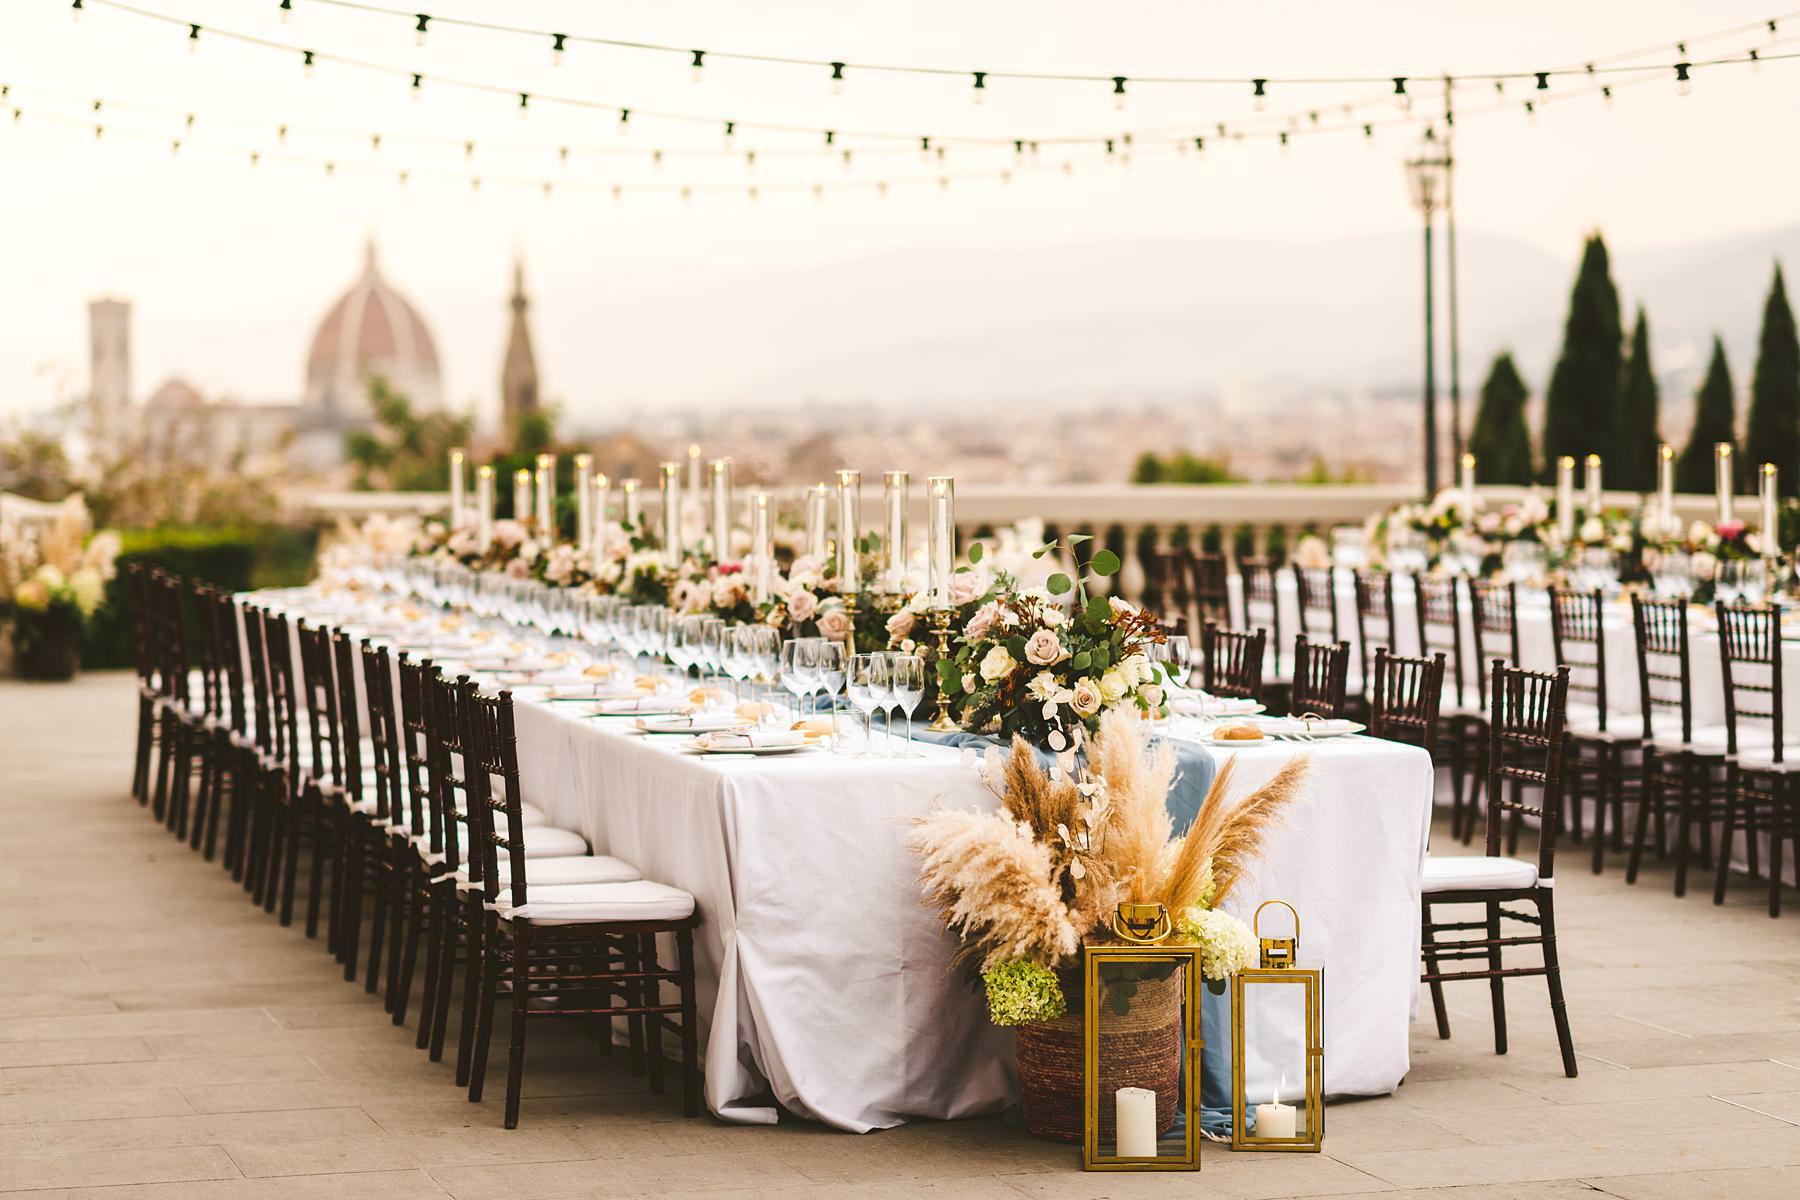 Luxury wedding with amazing view at Villa La Vedetta in Florence. Intimate luxury destination wedding dinner decoration by Stiatti Fiori and Villa La Vedetta